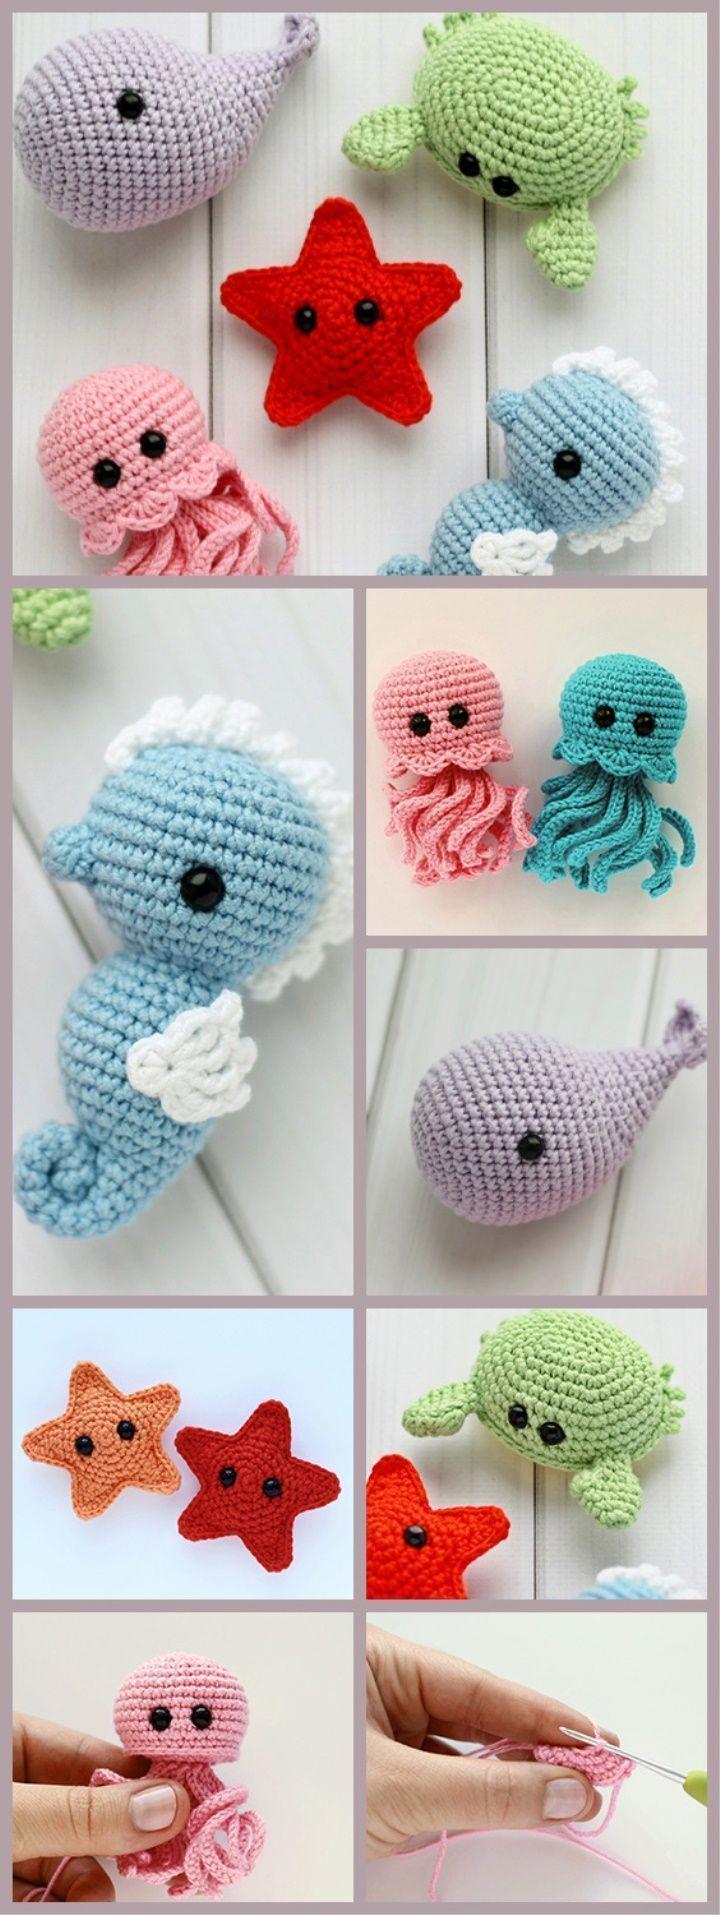 Häkelanleitungen Schritt für Schritt Häkelspielzeug #amigurumi #crochettoys #handgemacht #tutorial #diy # croch #crochetpatterns